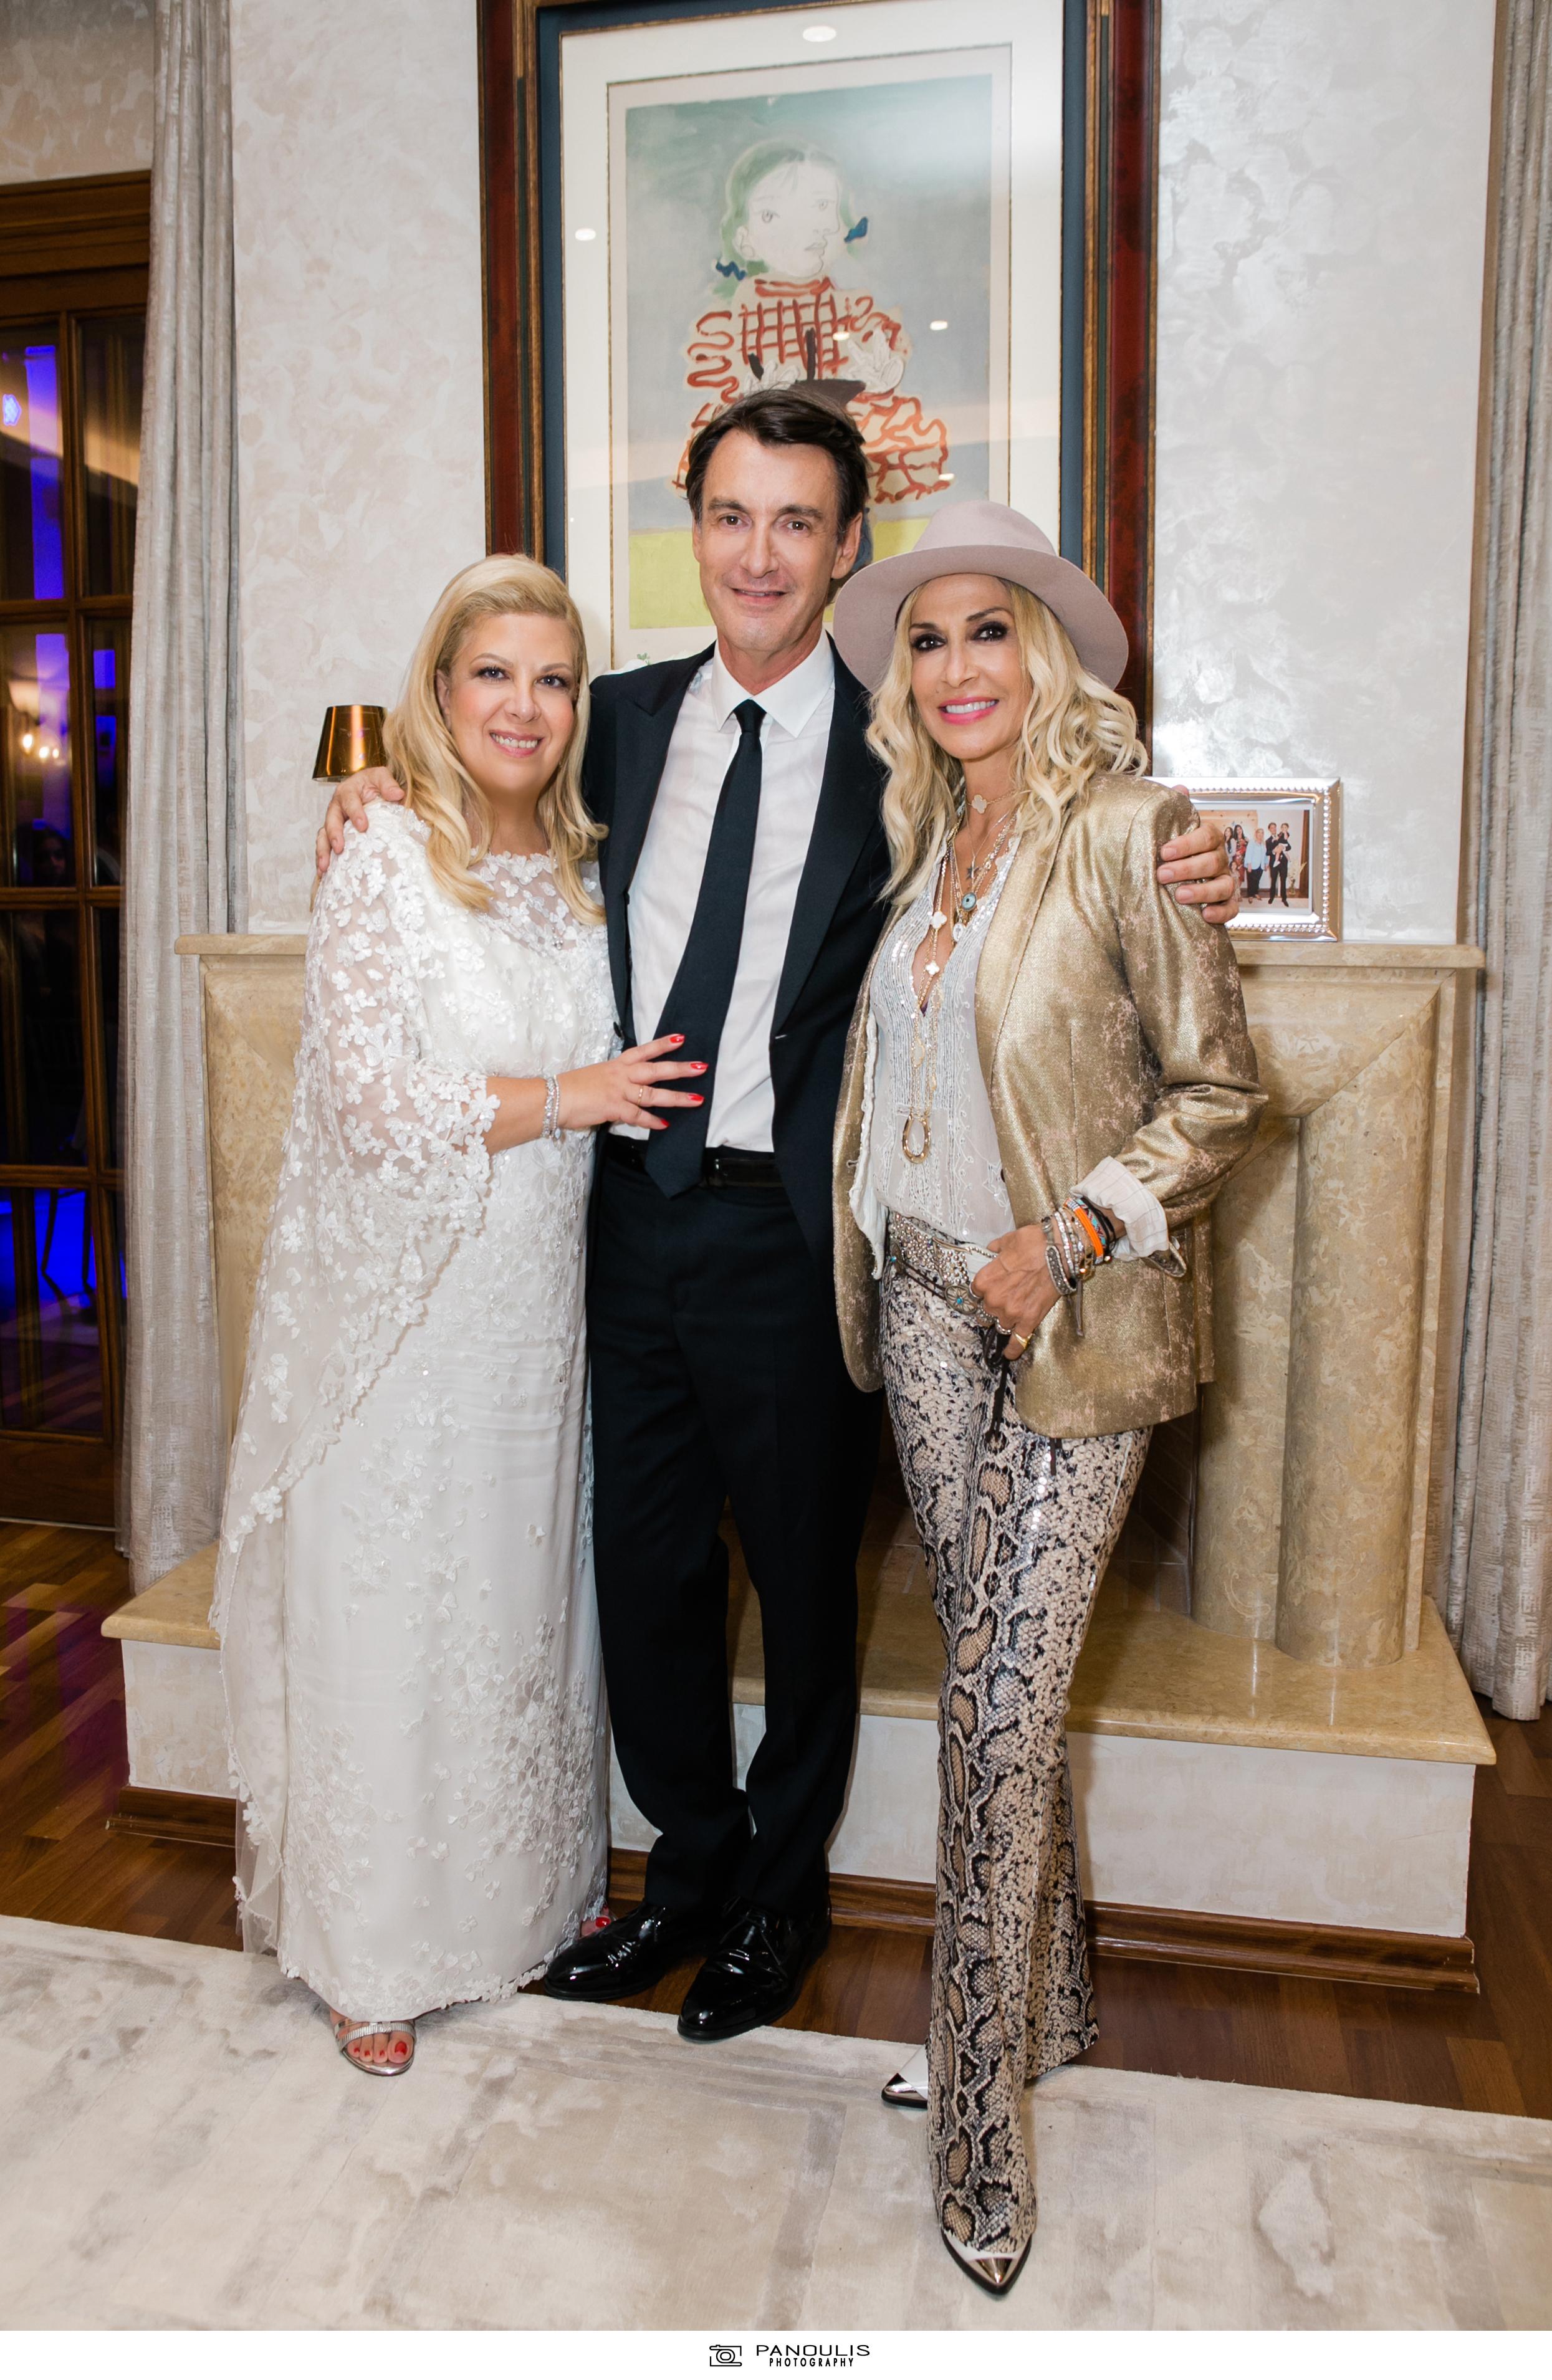 Κλέλια Χατζηιωάννου & Κωνσταντίνος Σκορίλας: Ένας υπέροχος γάμος με λαμπερούς καλεσμένους 4